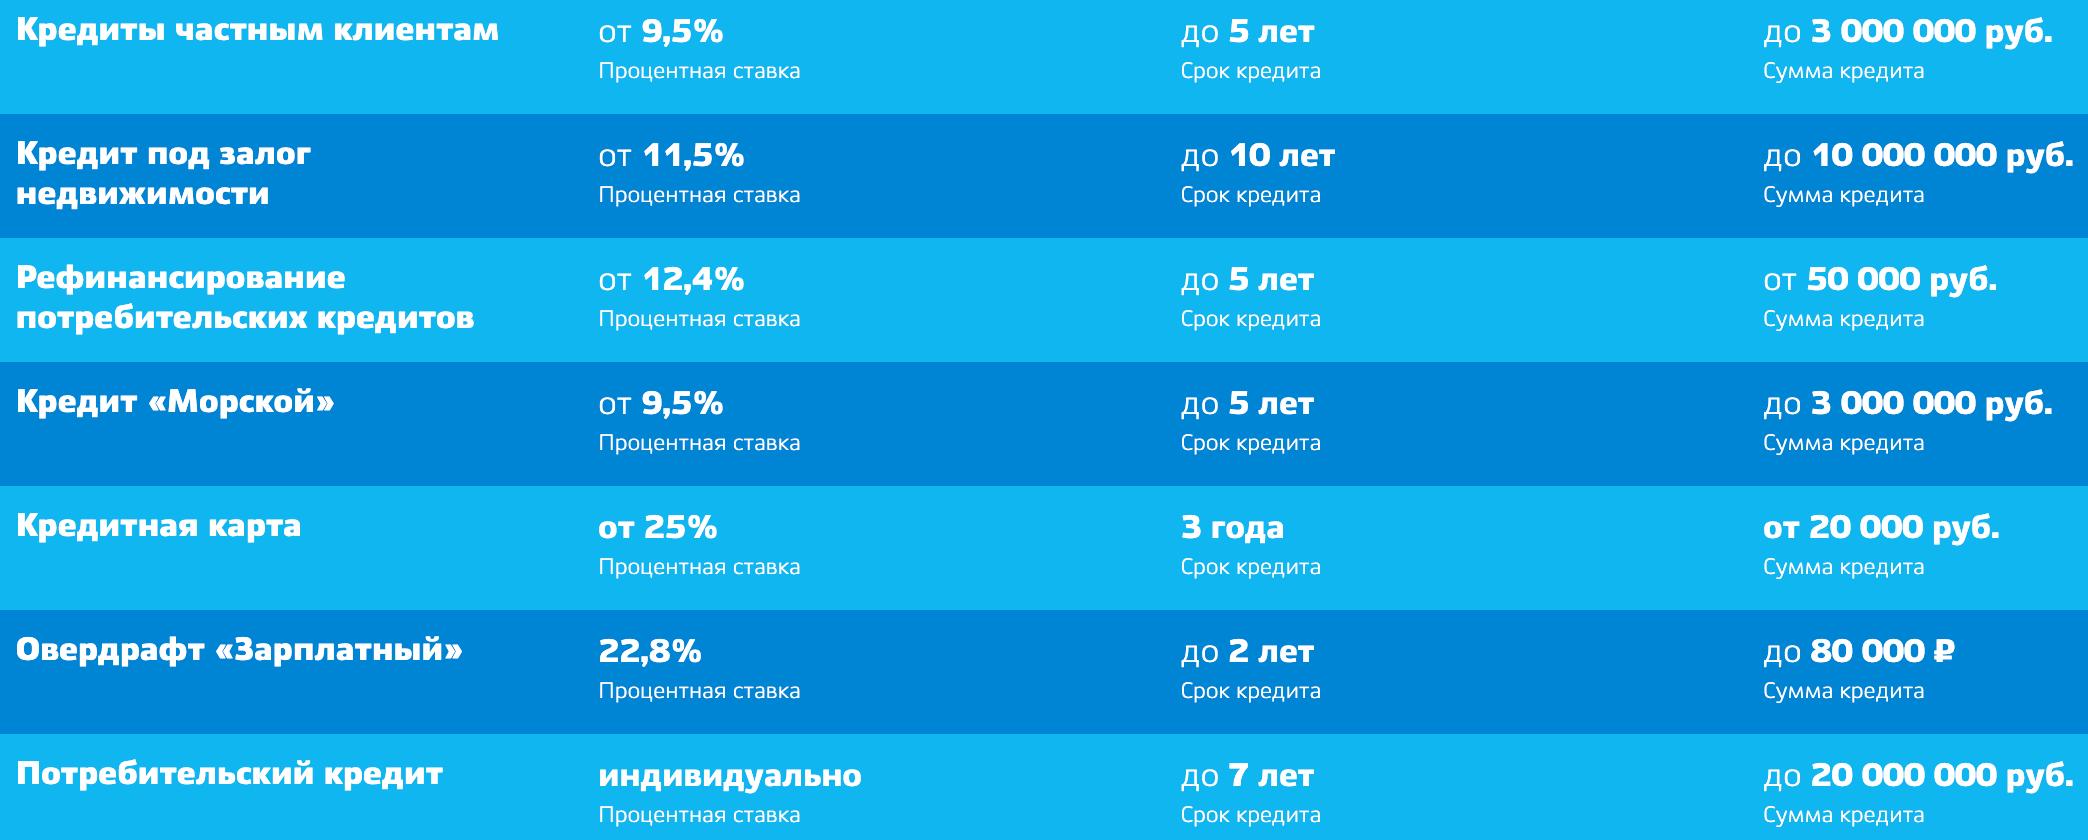 Кубань кредит банк проценты